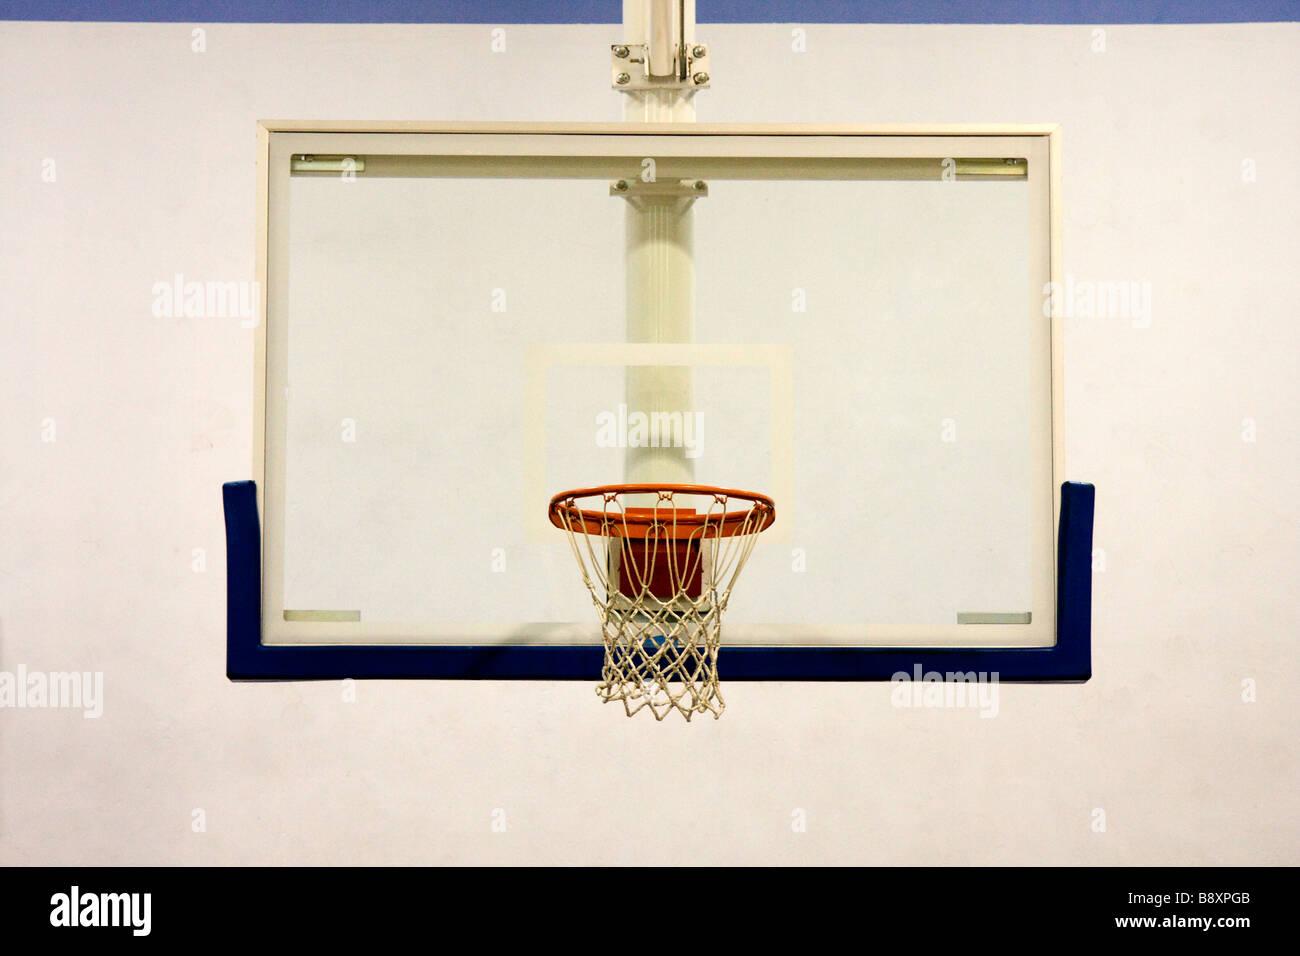 Cubierta de Baloncesto en la escuela Gimnasio Imagen De Stock